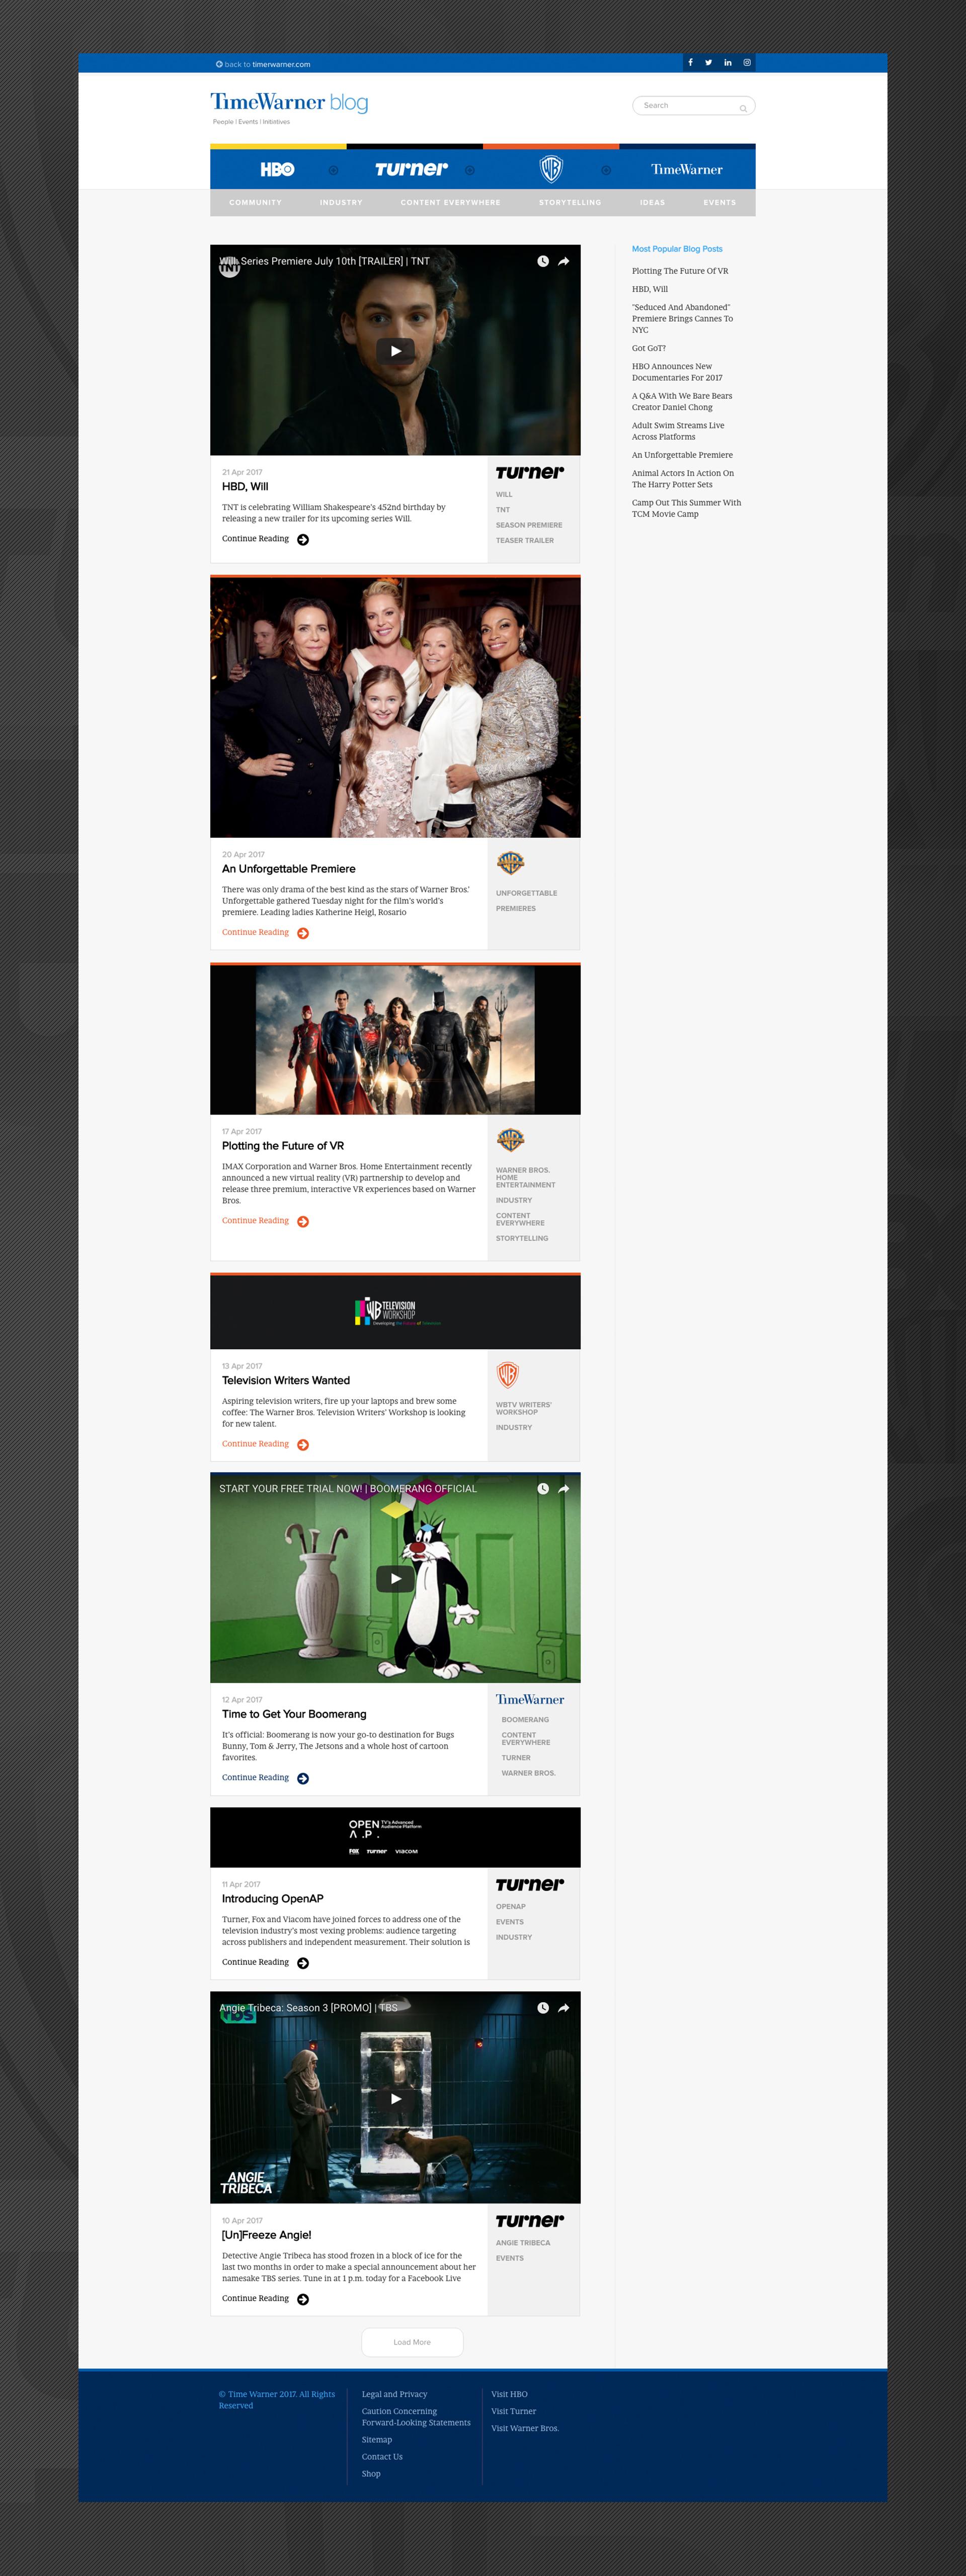 Time Warner Blog - Web Design - Home Page - Jake Cooper Design